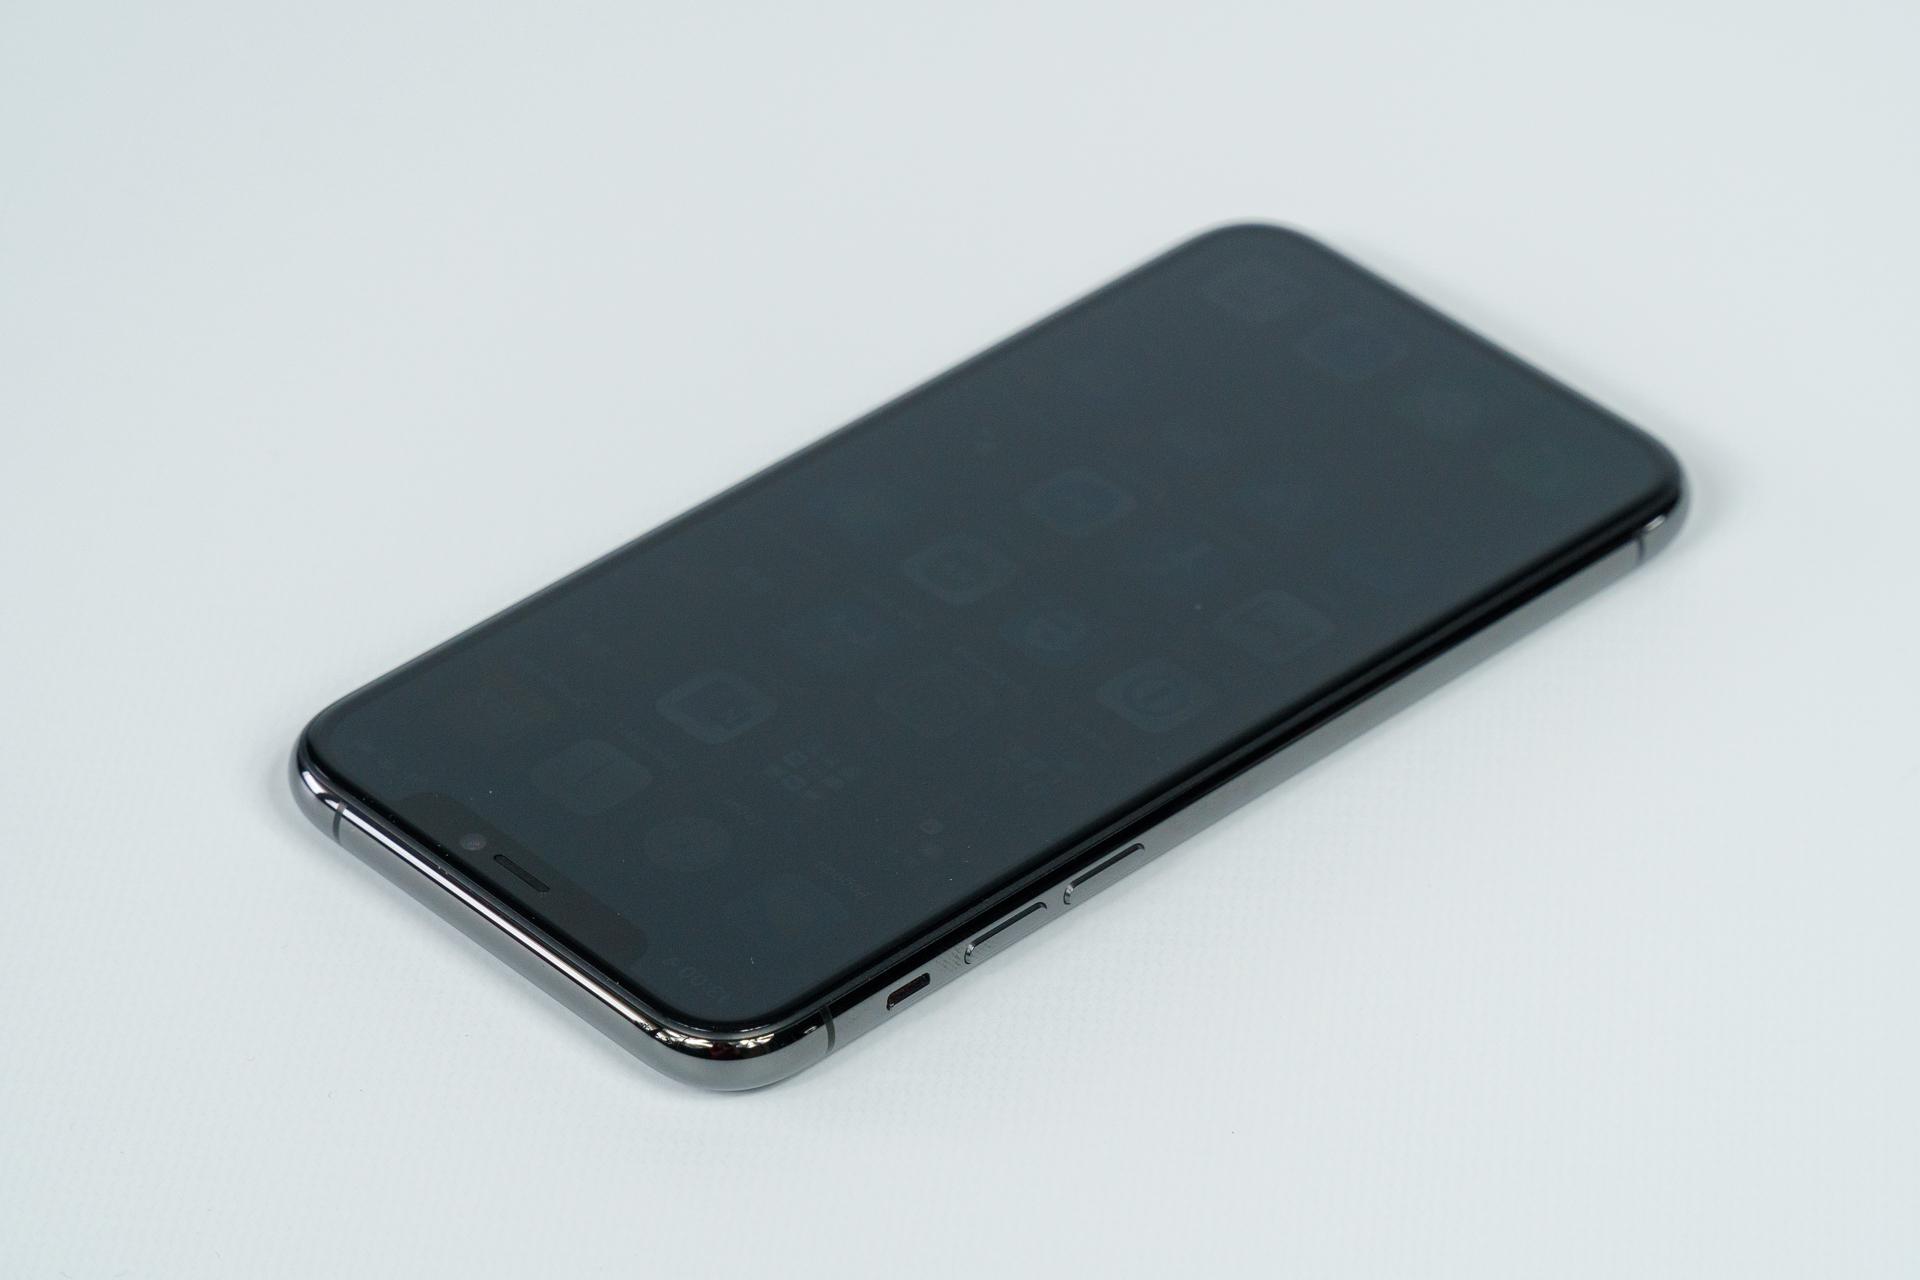 Recenzja iPhone'a 11 Pro - w małym ciele wielki duch 36 Recenzja iPhone'a 11 Pro